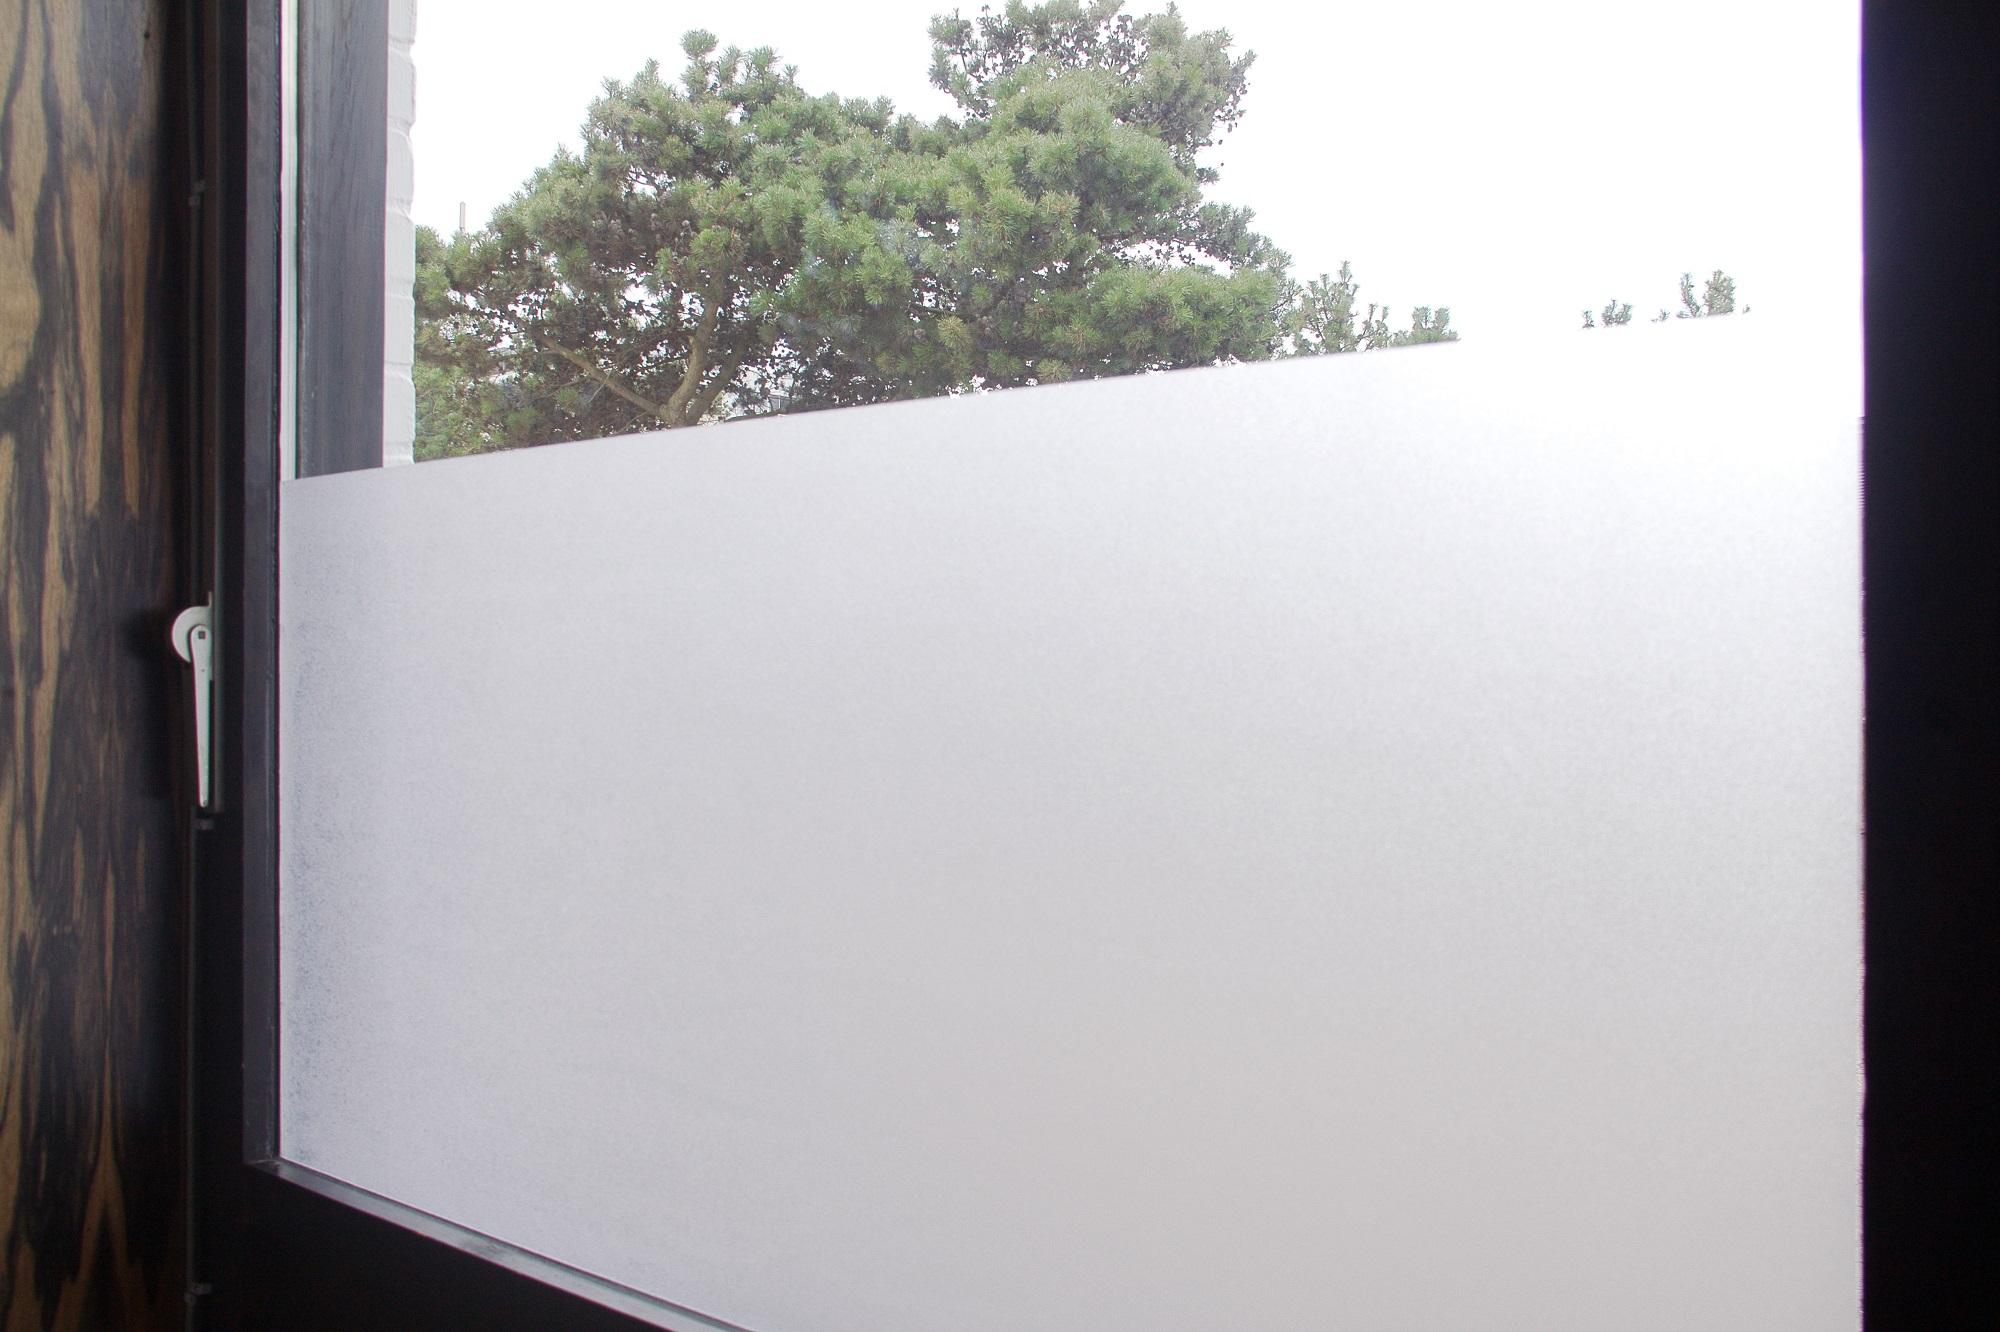 Full Size of Obi Fensterfolie Statisch Anbringen Entfernen Sichtschutz Kosten Fensterfolien Schweiz Tipps Selbstklebende Folie Fenster Bauhaus Schlafzimmer Einbruchschutz Fenster Fenster Folie